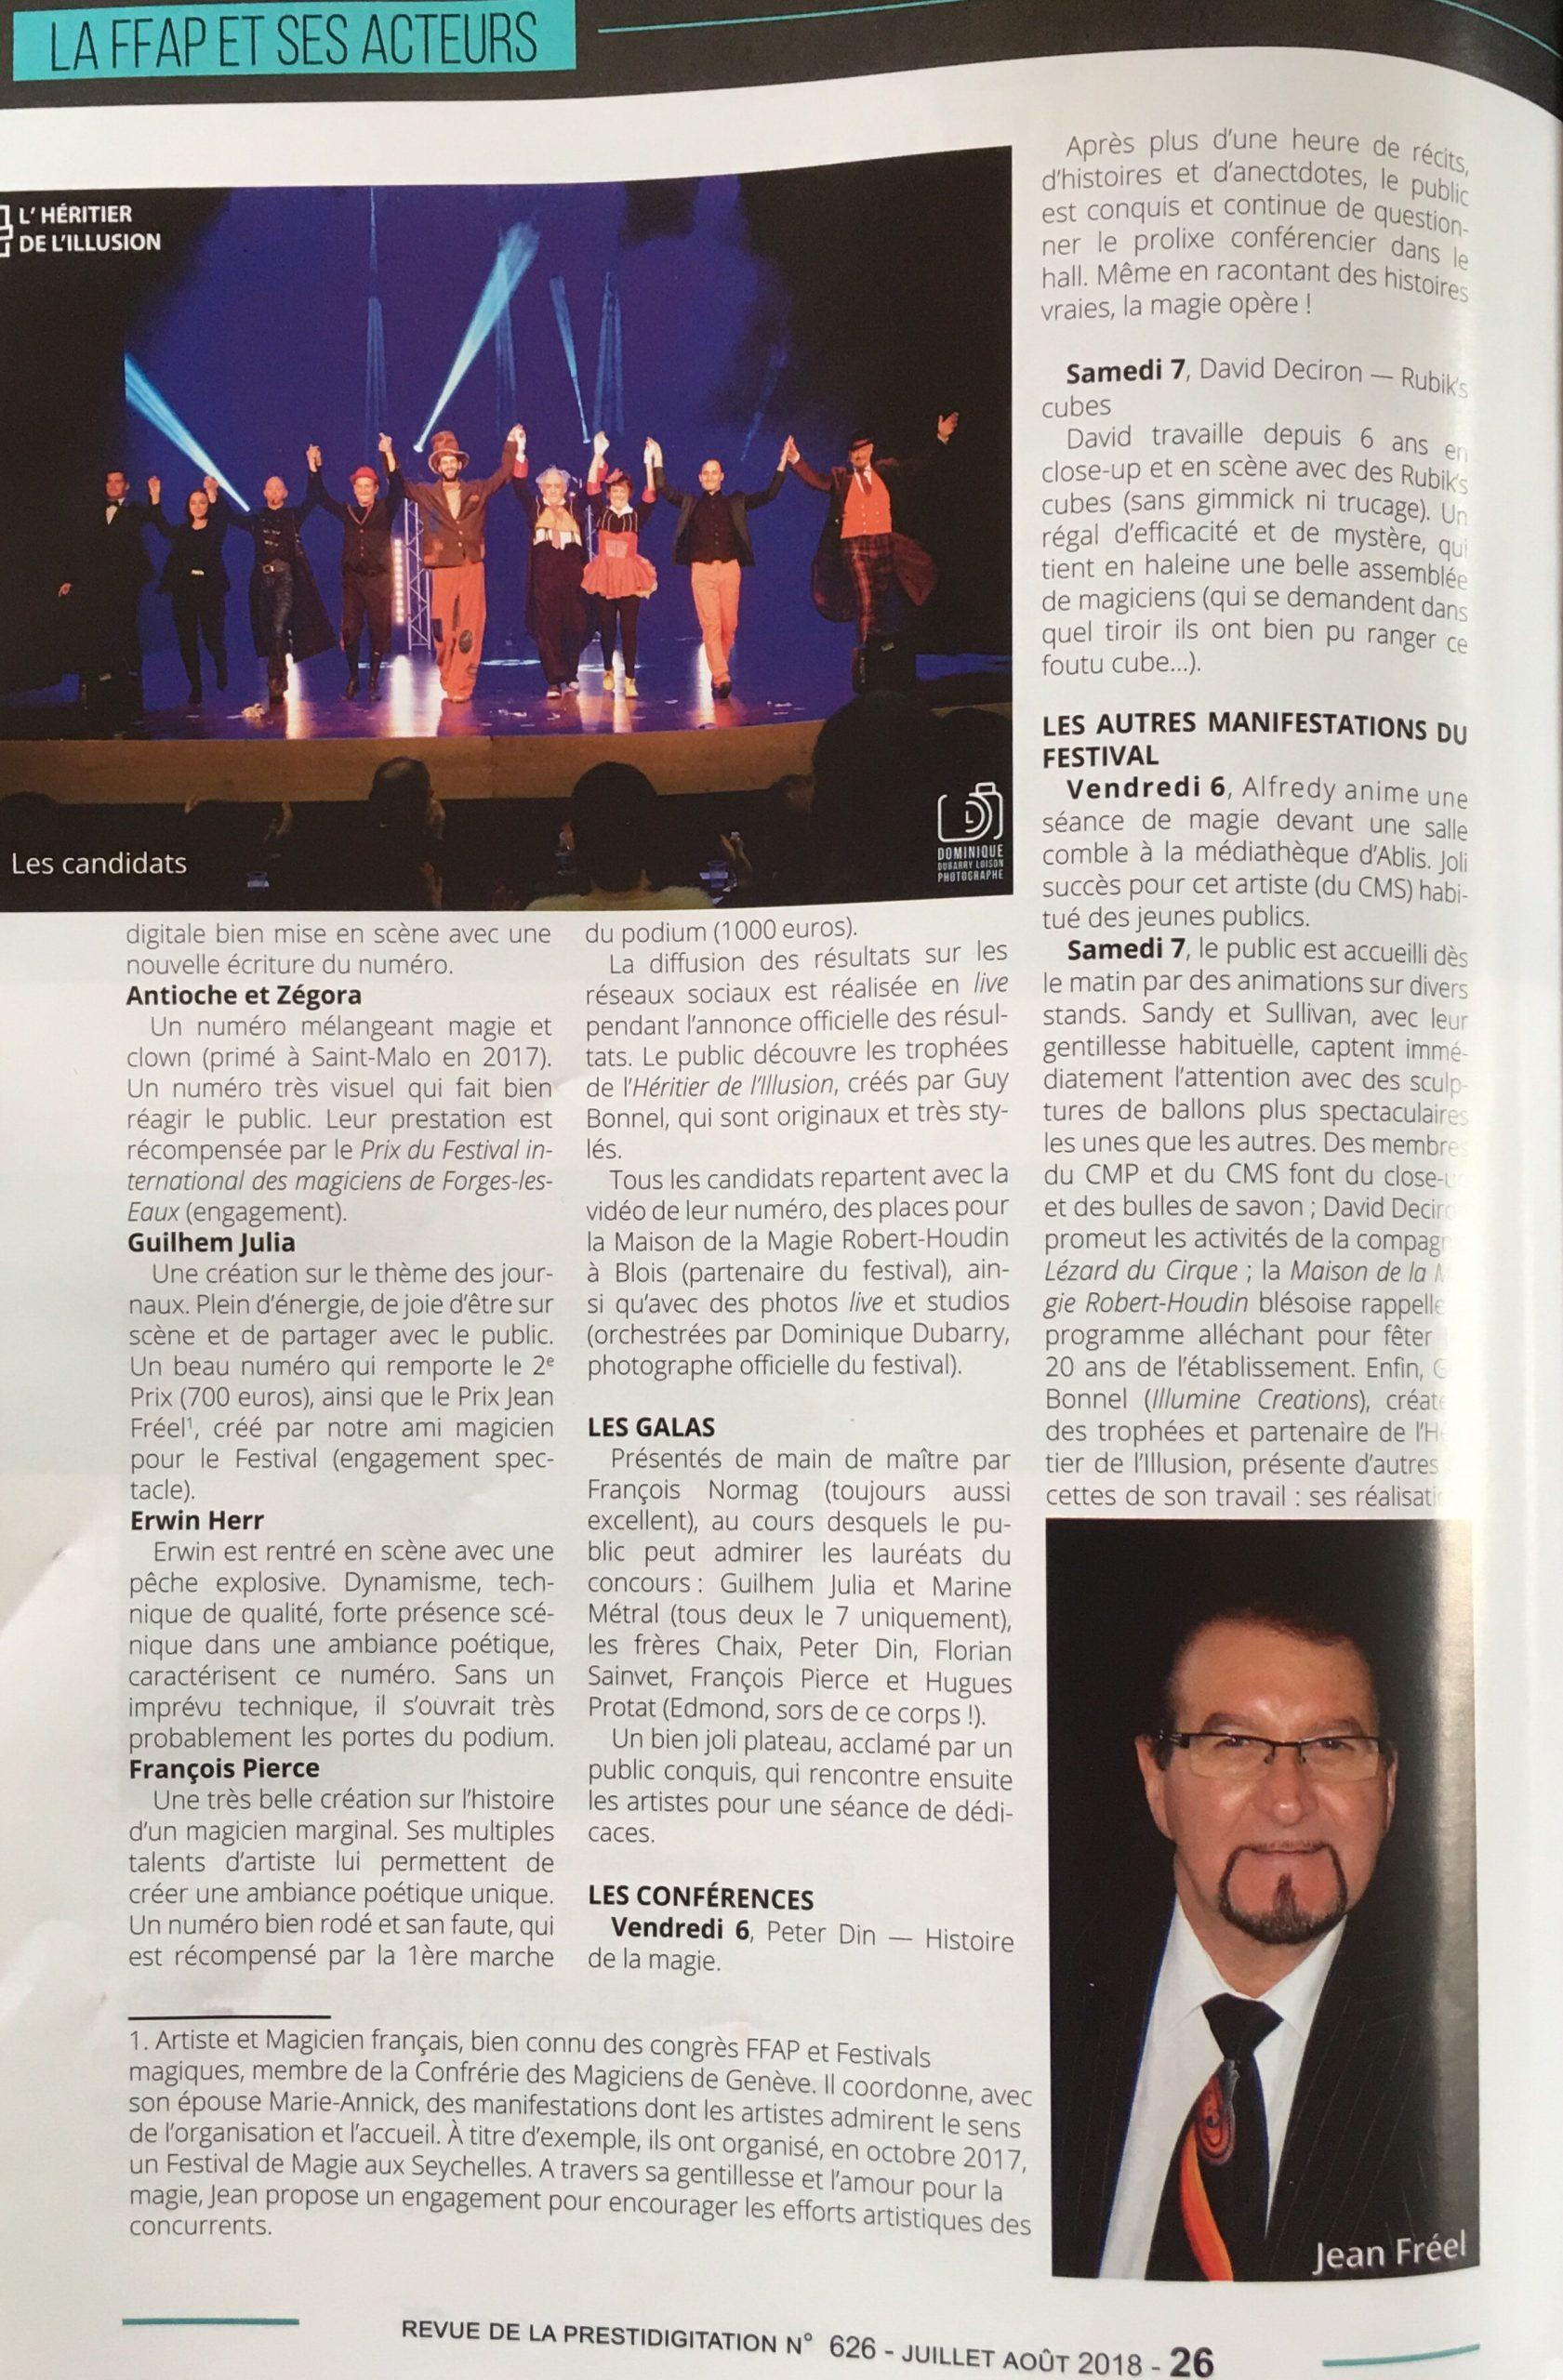 Retour Presse Heritier 2018 - Journal de la Fédération Française des Artistes Prestidigitateurs